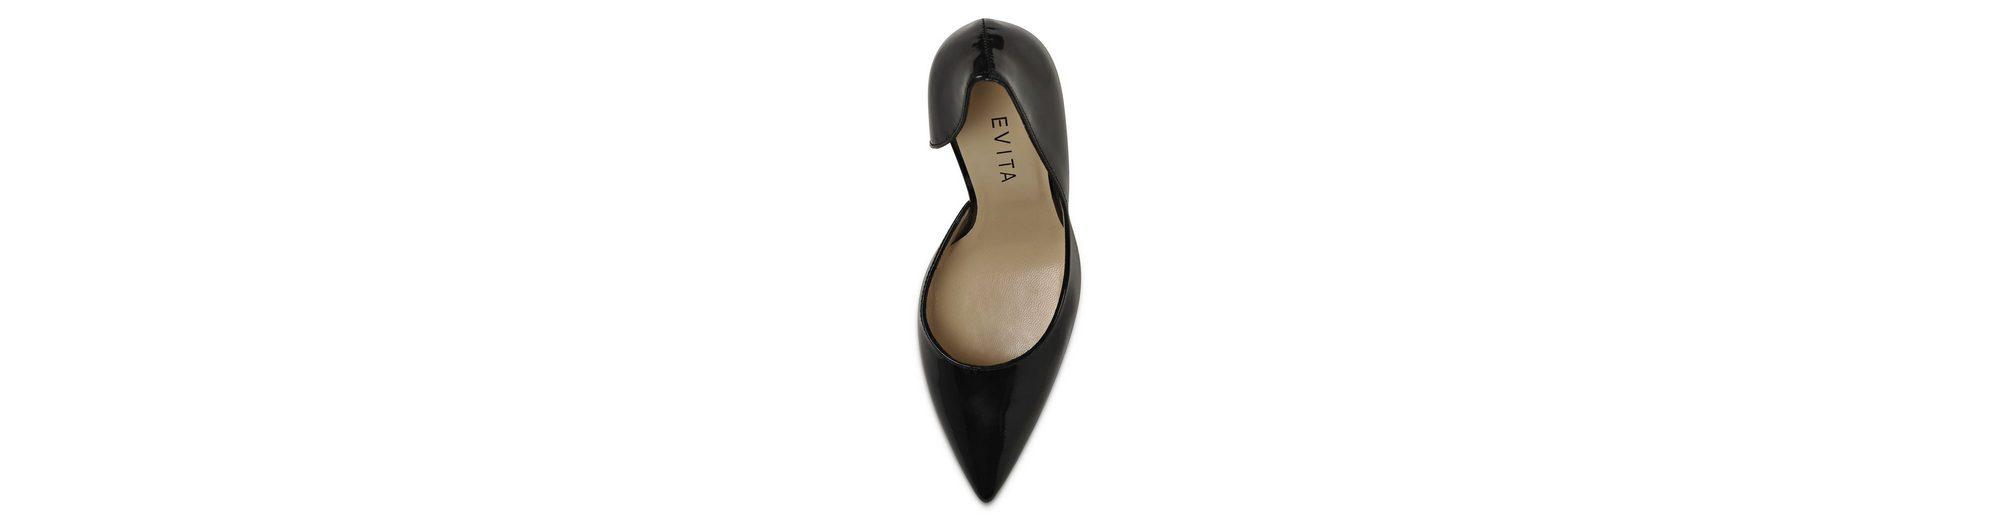 Evita ALINA High-Heel-Pumps Wie Viel Günstig Online Footaction Günstig Online Spielraum Manchester Großer Verkauf Billige Auslass 1UQ4p